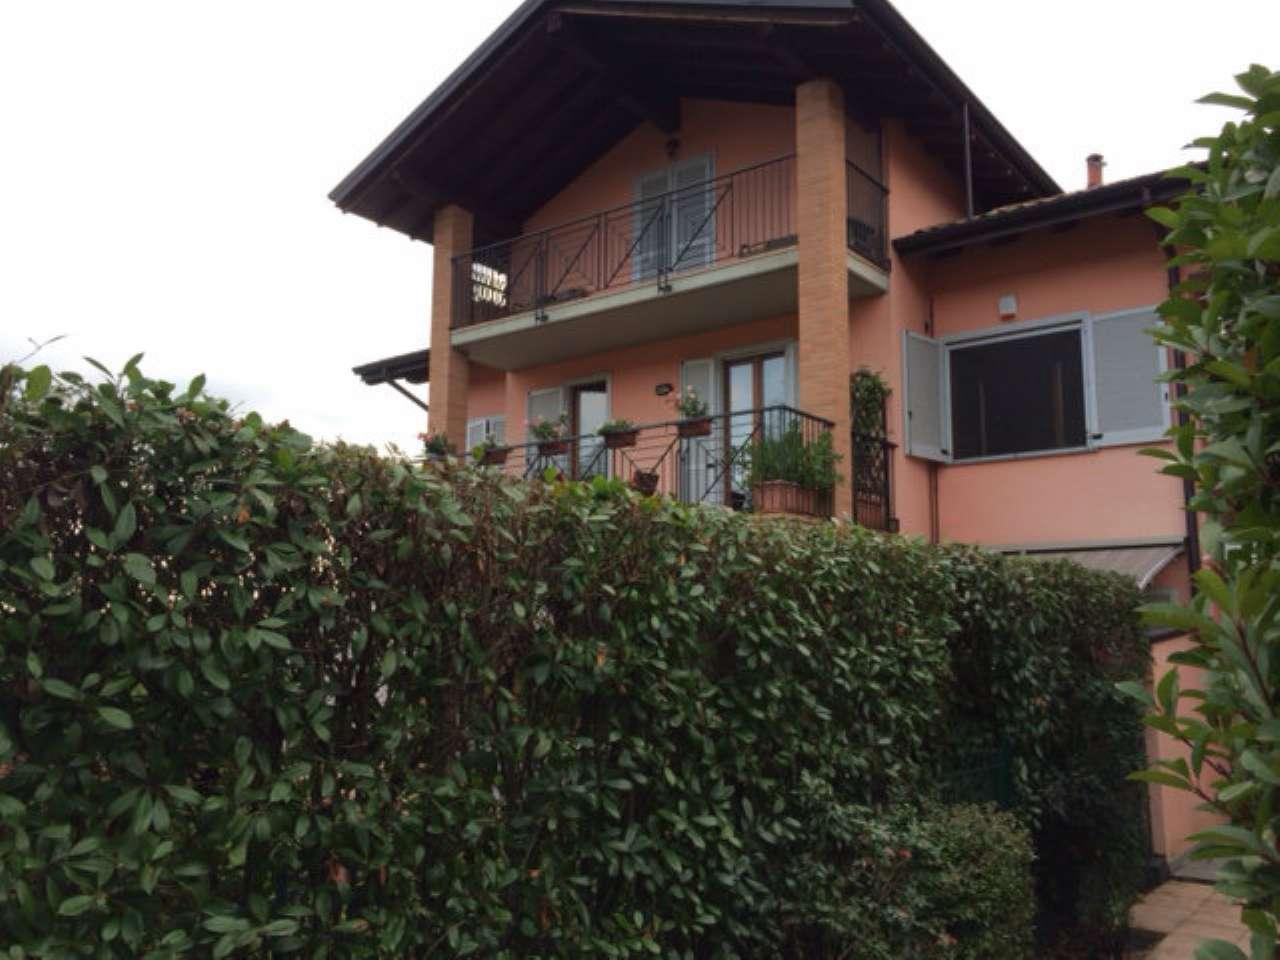 Appartamento in vendita a Castronno, 3 locali, prezzo € 178.000 | CambioCasa.it